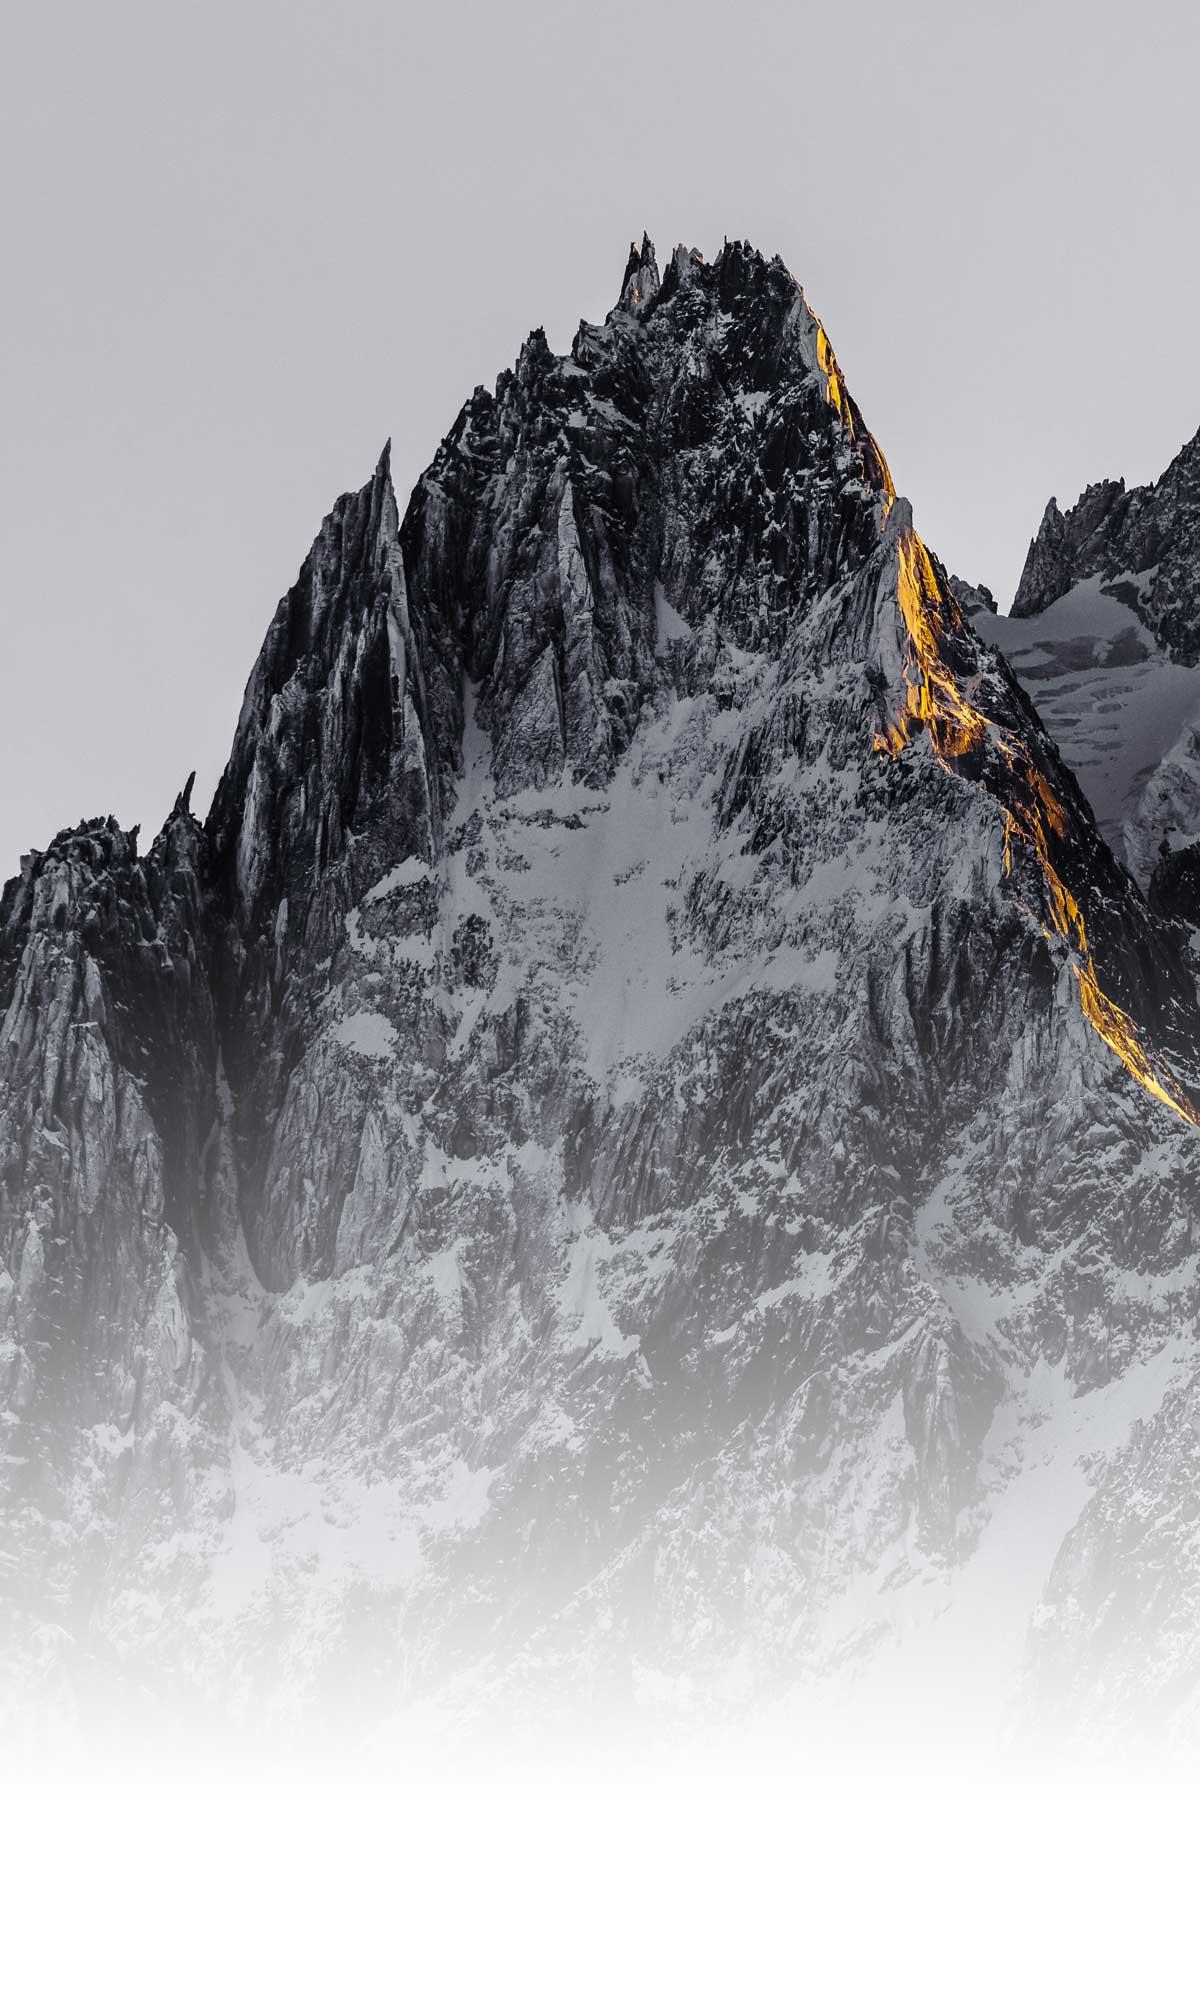 Galerie Photo de montagne et d'aventure par le photographe Marc Daviet